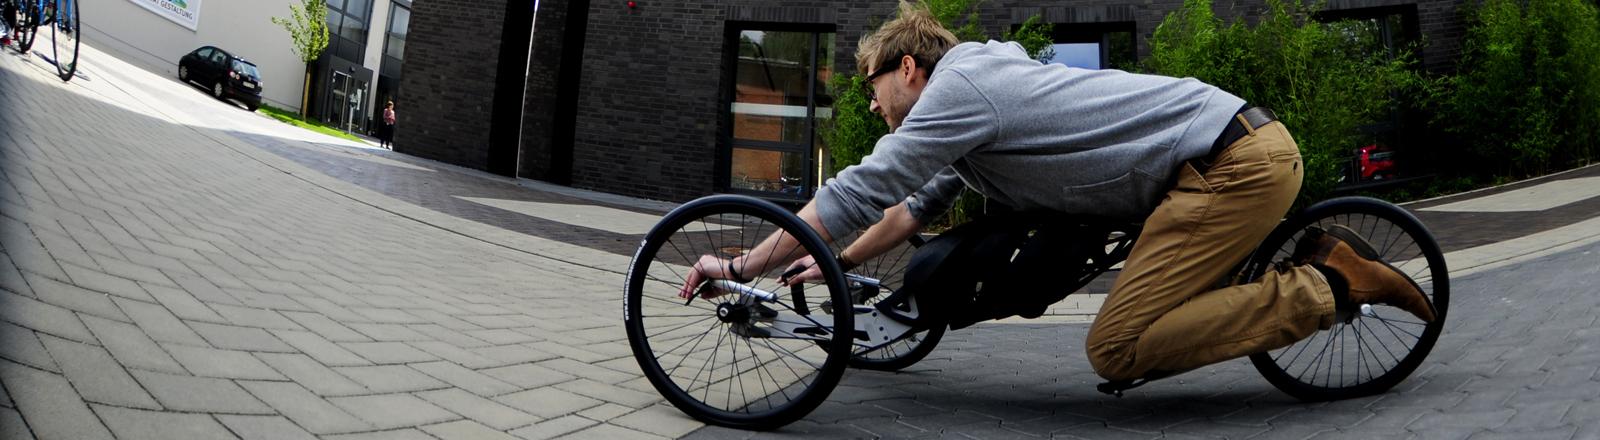 """Thyll Niebergall, Produktdesinger an der Hochschule für angewandte Wissenschaft und Kunst (HAWK) liegt in Hildesheim auf einer """"Menschmaschine"""", einem speziell entwickelten Fahrrad mit Akkuschrauber-Antrieb."""